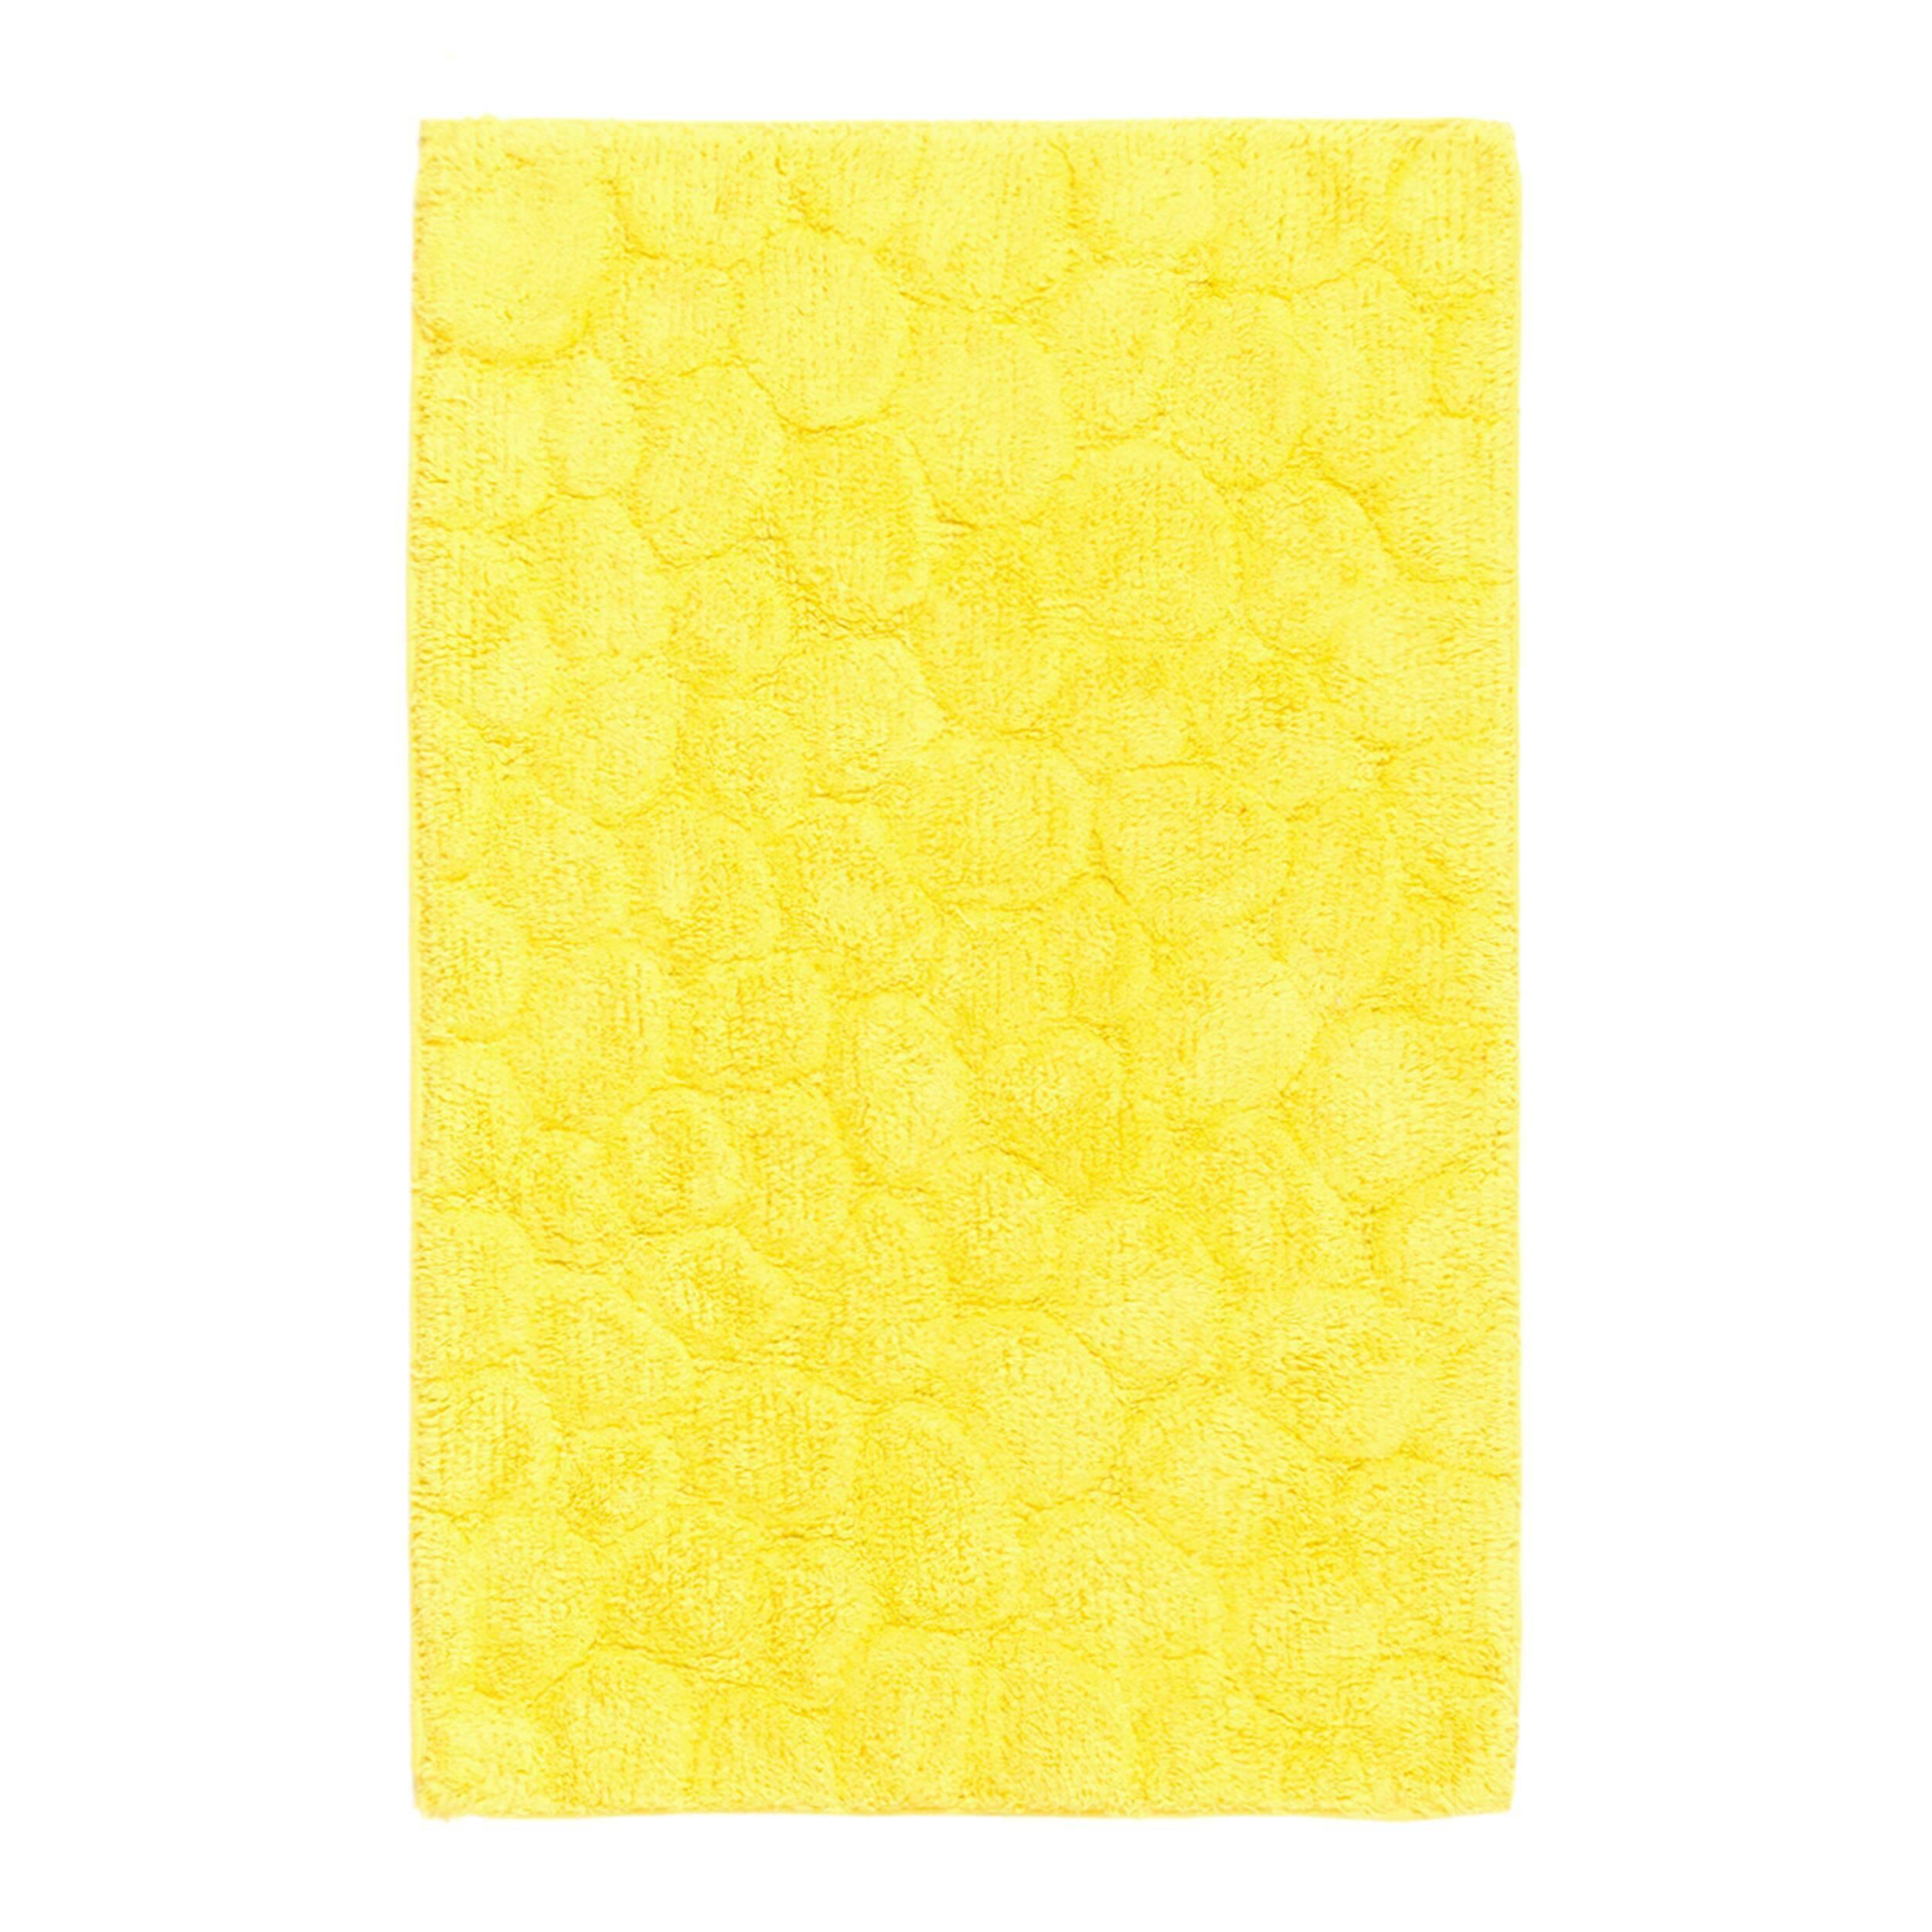 Ковер для ванной комнаты TiffnyДля ванной комнаты<br>Несомненно, как и любая другая комната в вашем доме, ванная тоже должна быть уютной, поскольку именно с нее начинается любой отличный день. Благодаря современному многообразию материалов ковры имеют различные формы, дизайн, цвет и тактильность. Однако значимое место по-прежнему занимают именно ковры из натуральных материалов. Хлопок — это отличный материал по свойствам впитываемости влаги и проводимости тепла. <br><br><br><br> Ковер для ванной комнаты Tiffny — это лаконичный коврик, который сделает в...<br><br>stock: 8<br>Ширина: 50<br>Материал: Хлопок<br>Цвет: Sunflower/Цветочный<br>Высота ворса: дл.=9-10мм,кор.=5-6мм<br>Длина: 80<br>Плотность ворса: 5000000стежков/м2<br>Состав основы: Противоскользящий каучук<br>Тип производства: Ручное производство